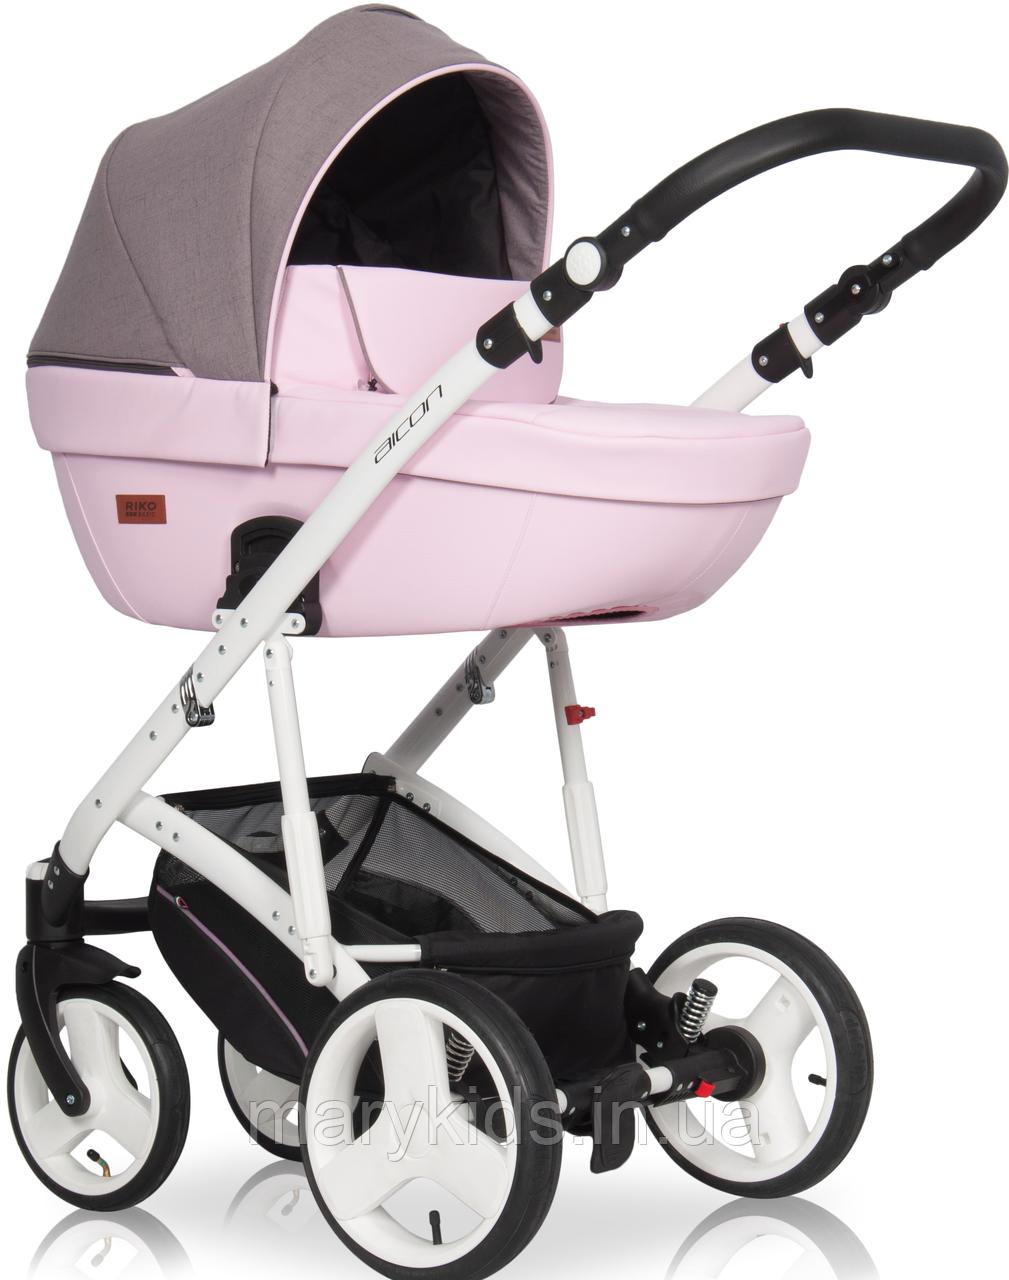 Детская универсальная коляска 3 в 1 Riko Aicon 05